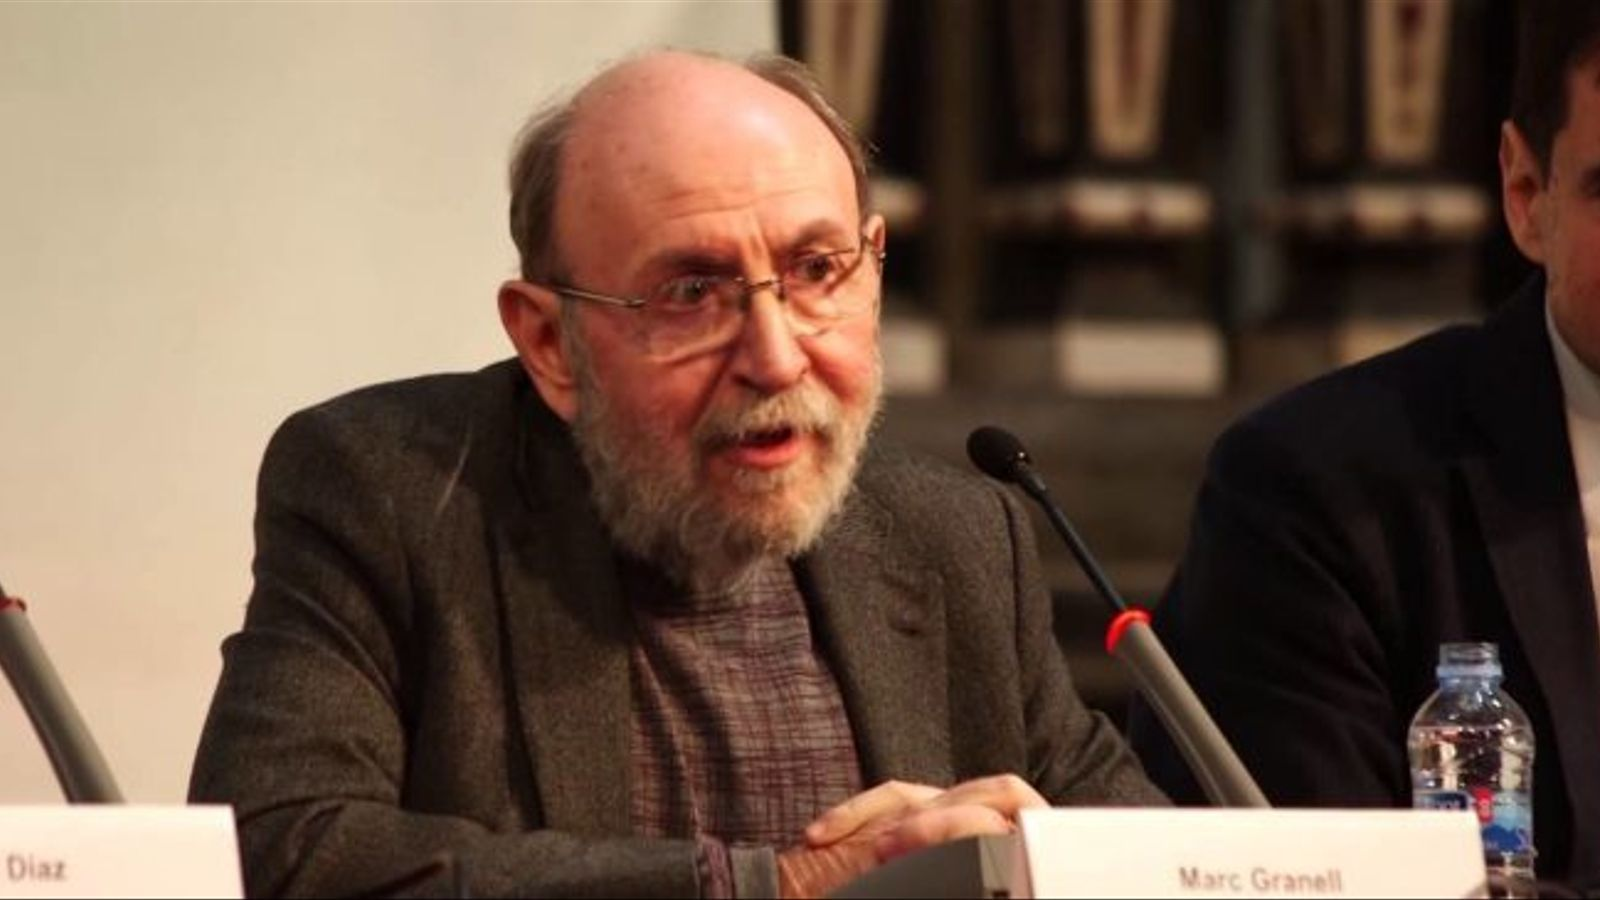 El poeta Marc Granell rep el Premi de les Lletres de la Generalitat Valenciana